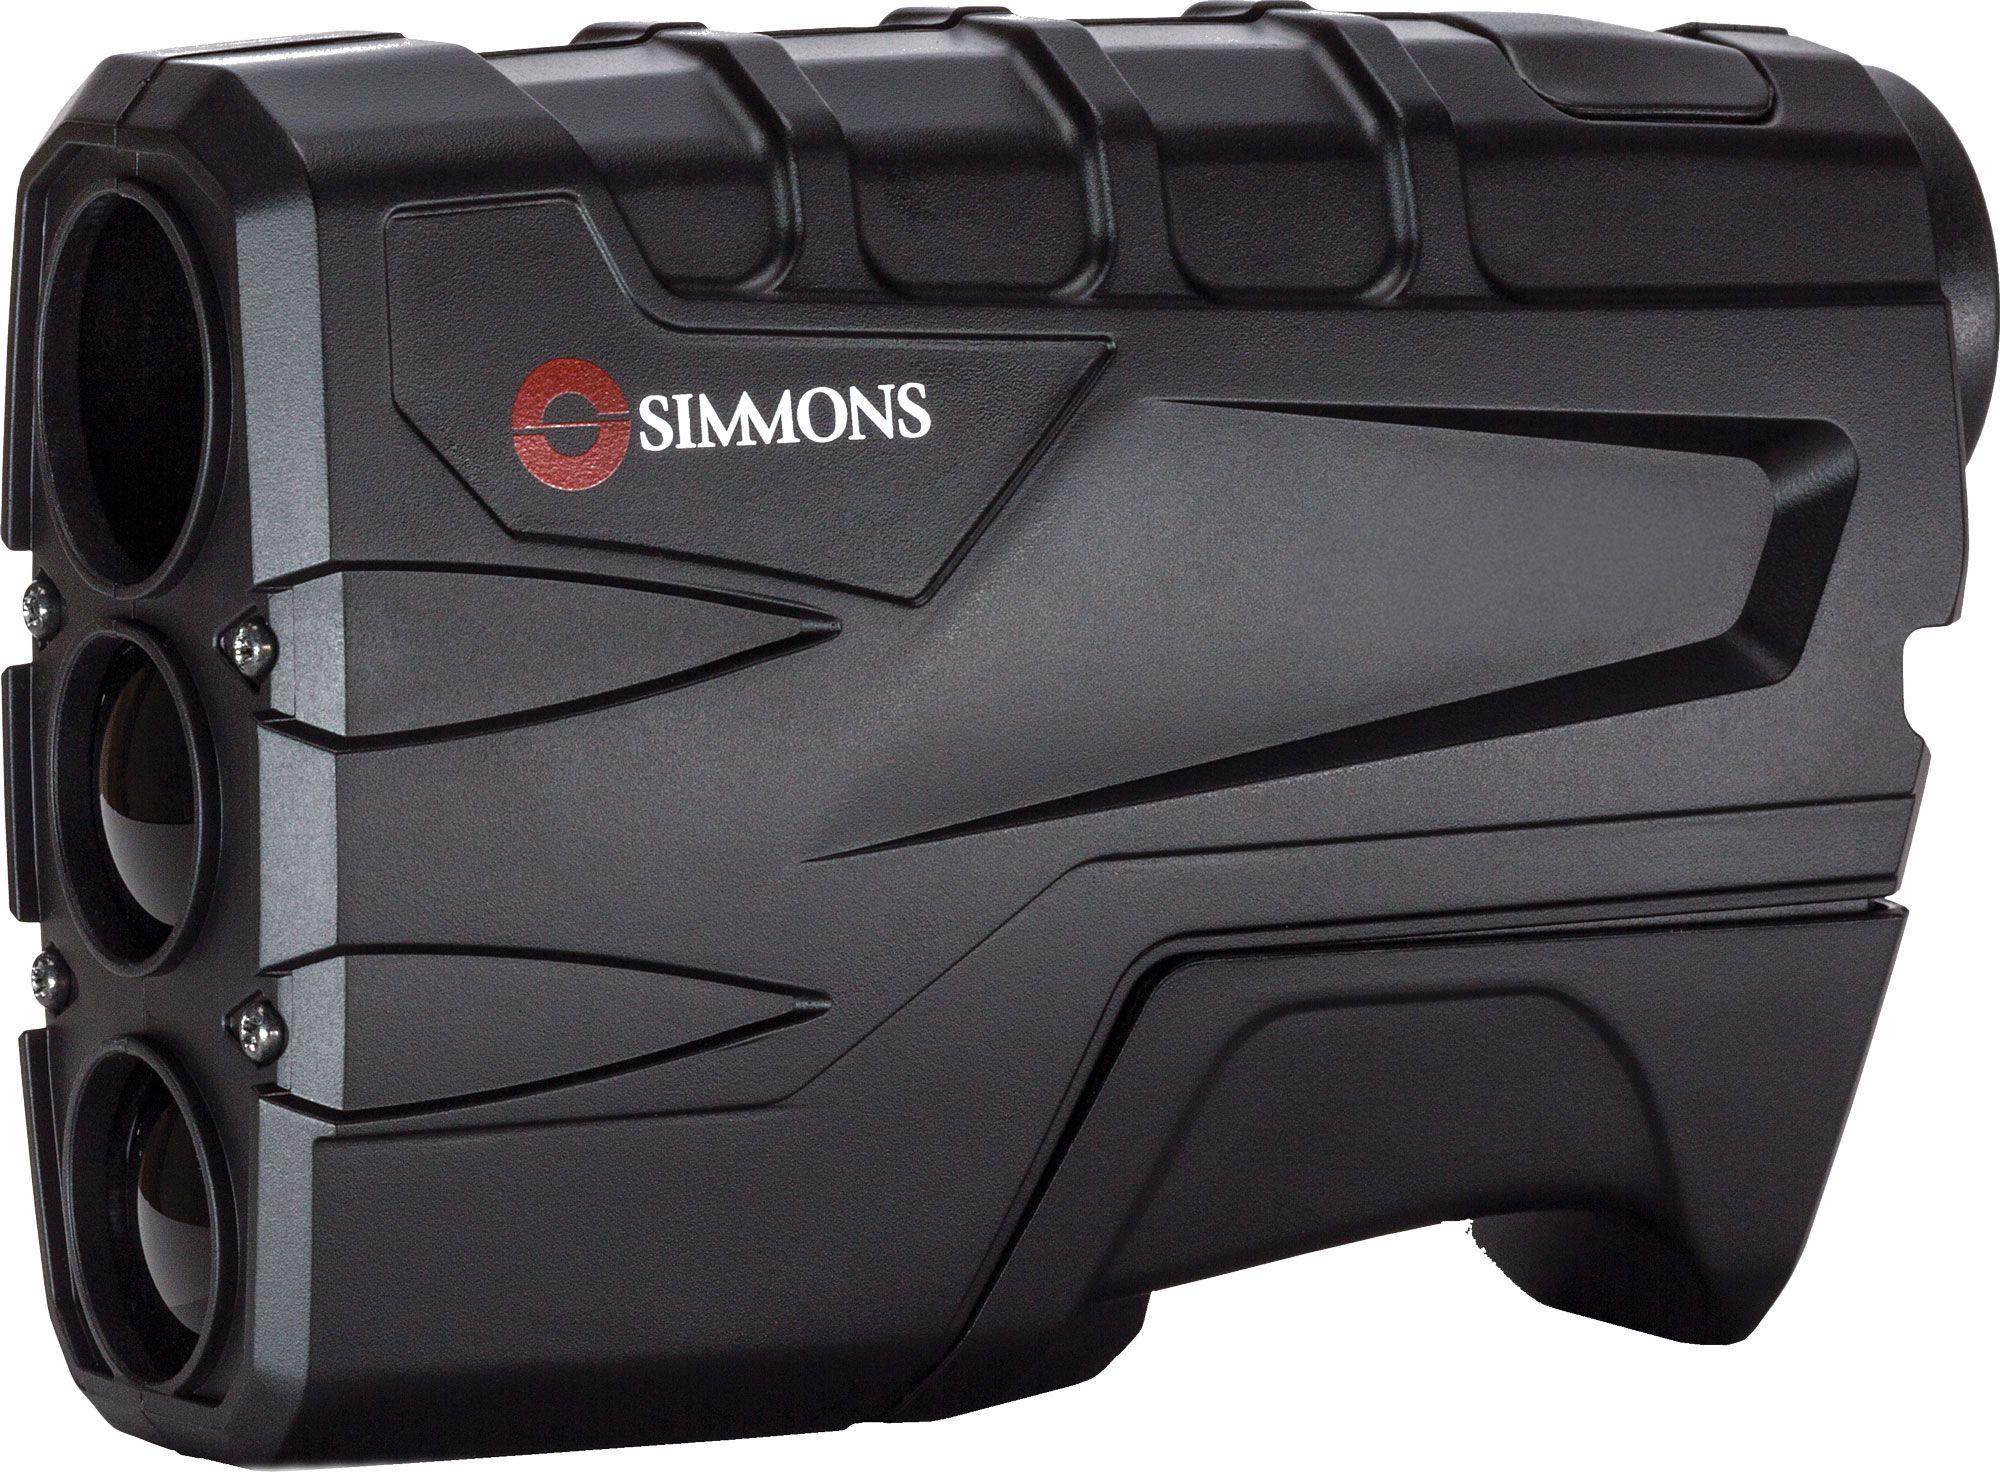 Simmons Volt 600 Vertical Laser Rangefinder